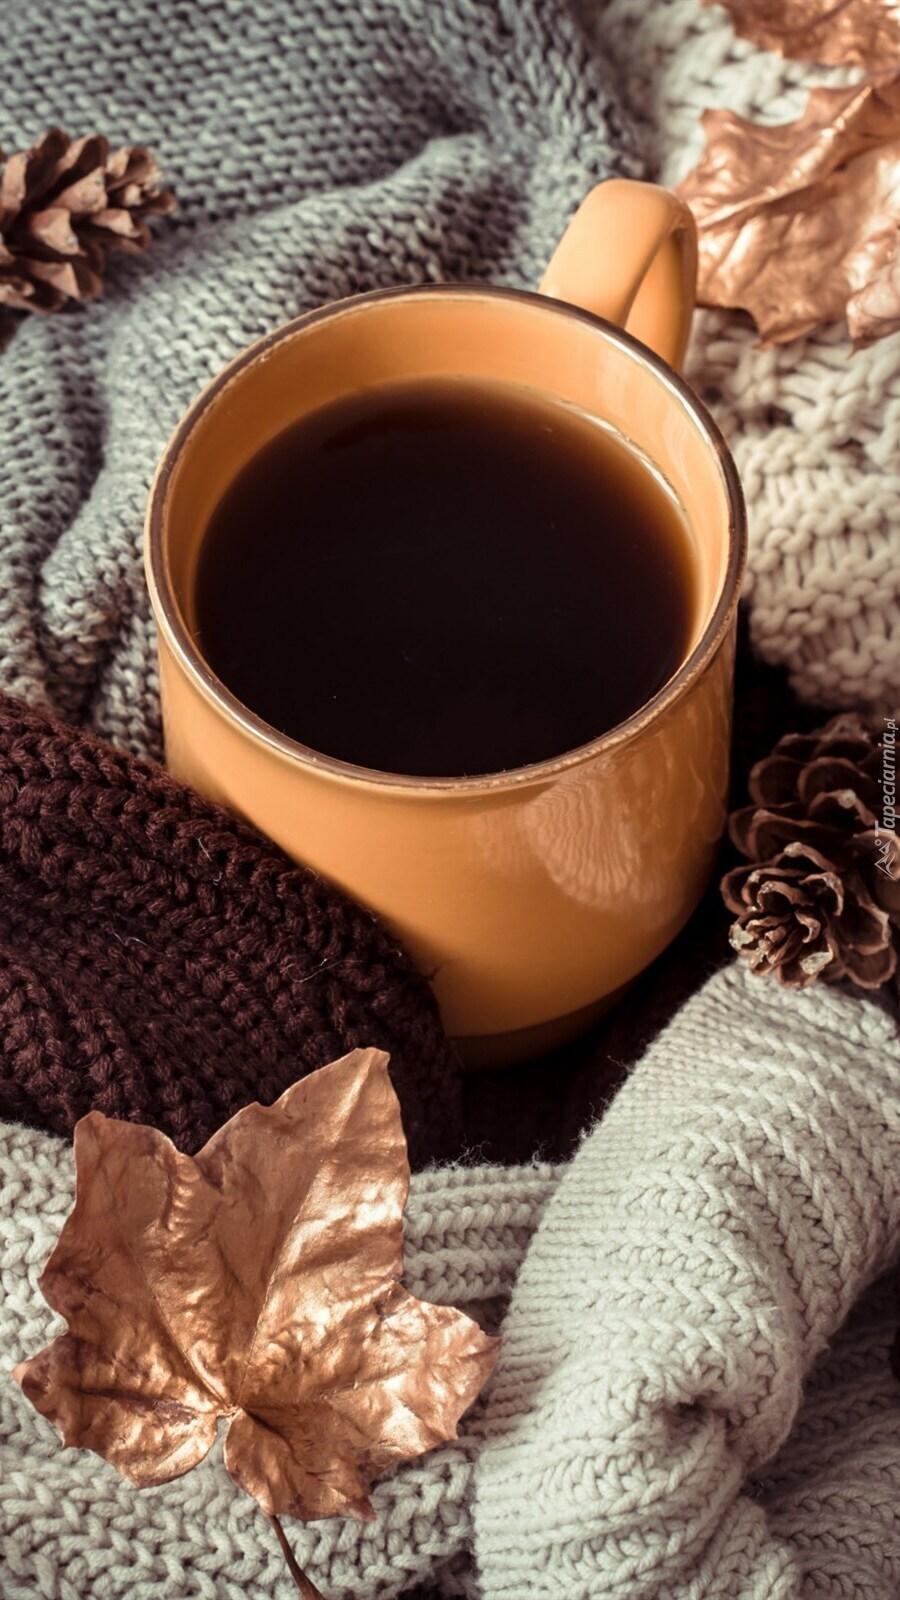 Kubek z herbatą na szalu